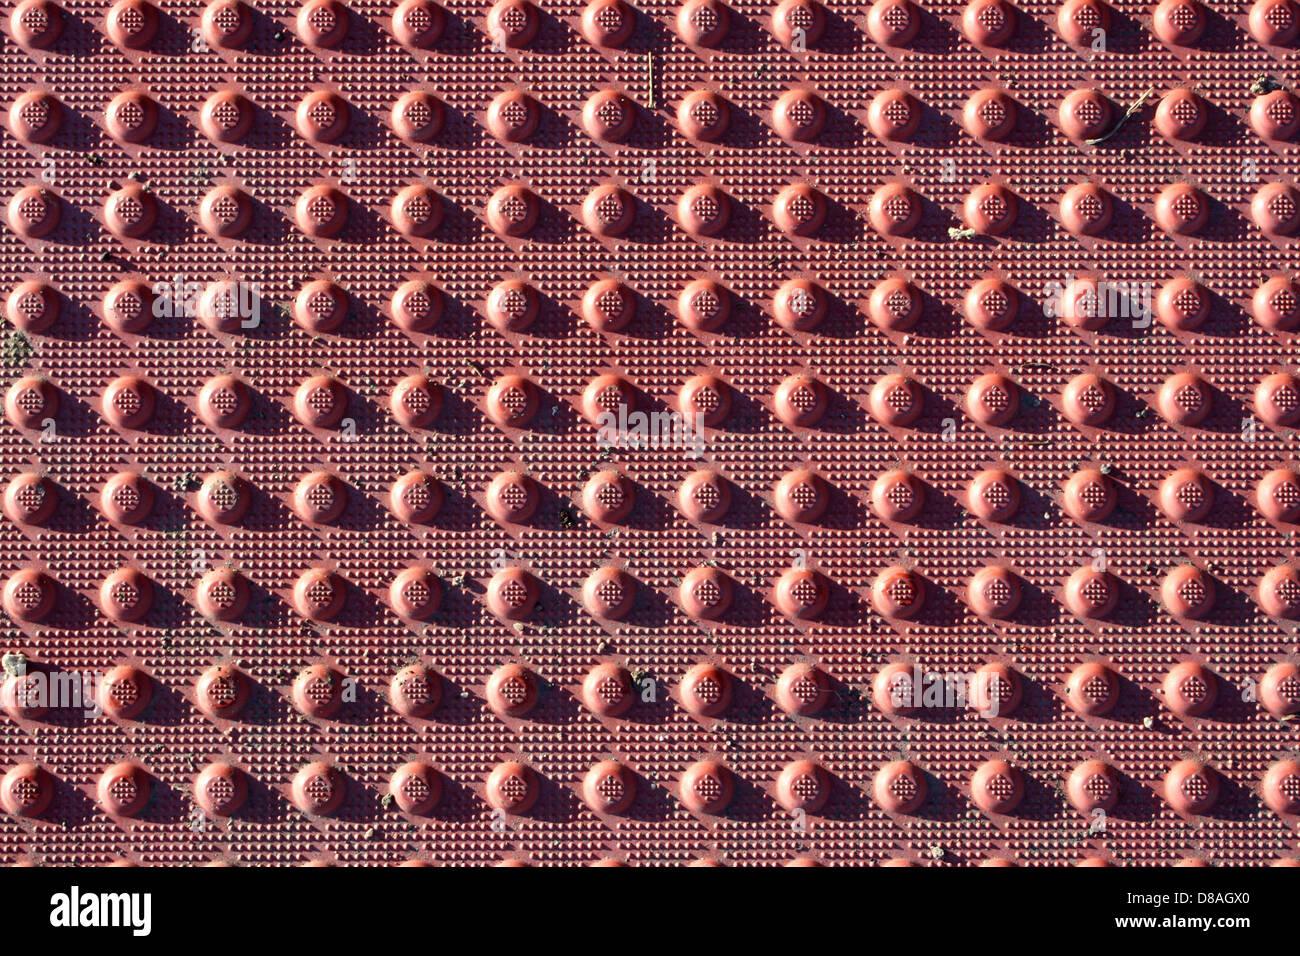 roten Anti Rutsch Oberfläche vom Bürgersteig Rampe Textur. Stockbild